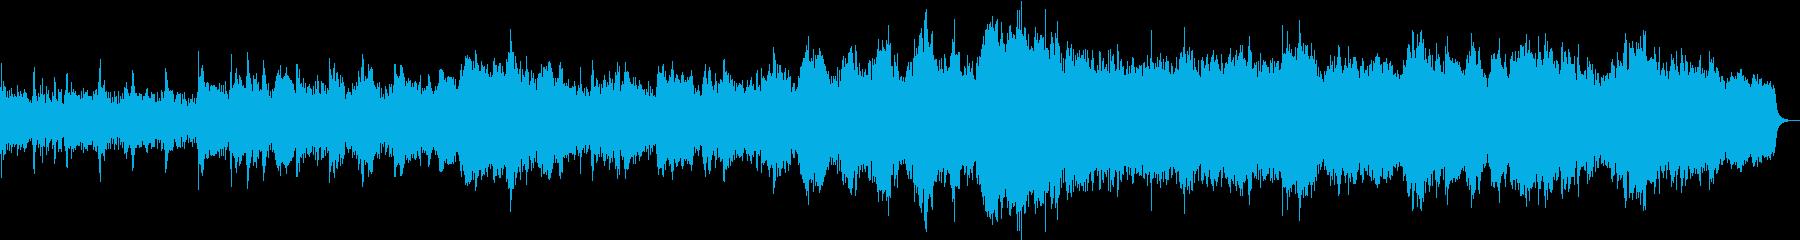 印象的なストリングスの切ないバラードの再生済みの波形